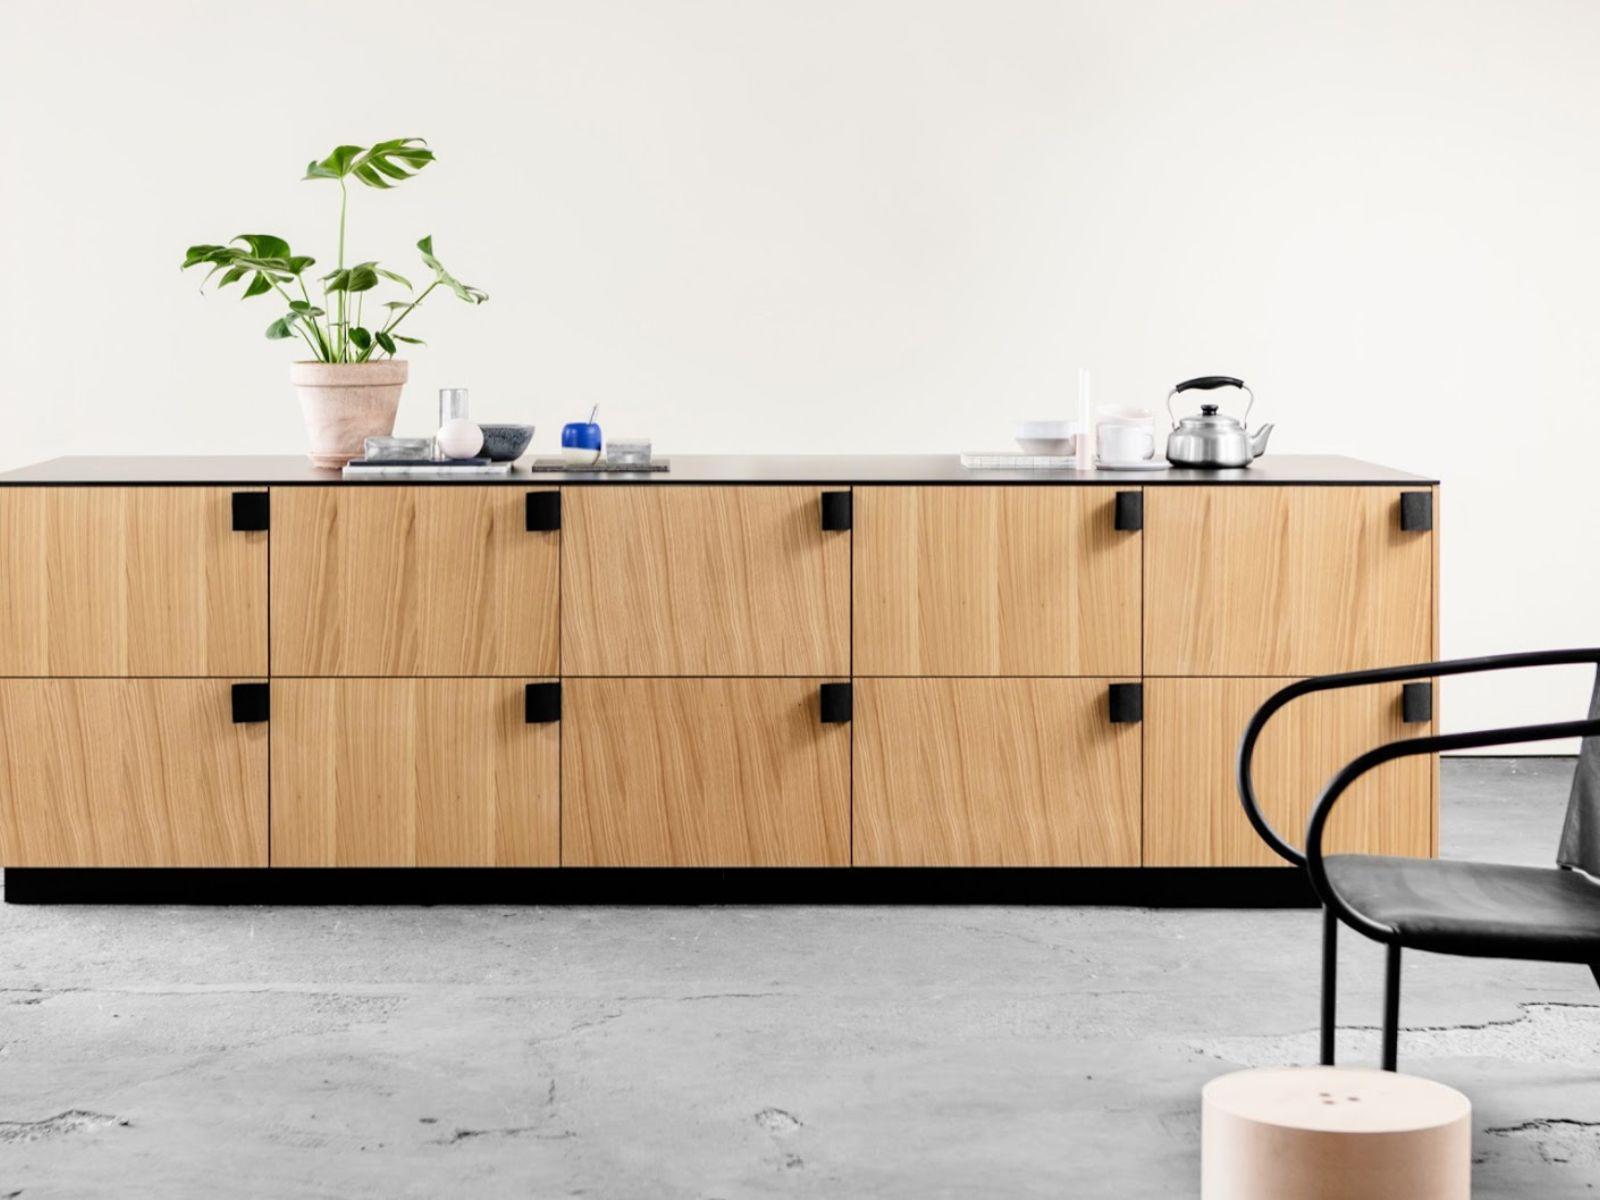 das montagsm bel 54 ikea hacking mit reform k chen anneliwest berlin. Black Bedroom Furniture Sets. Home Design Ideas